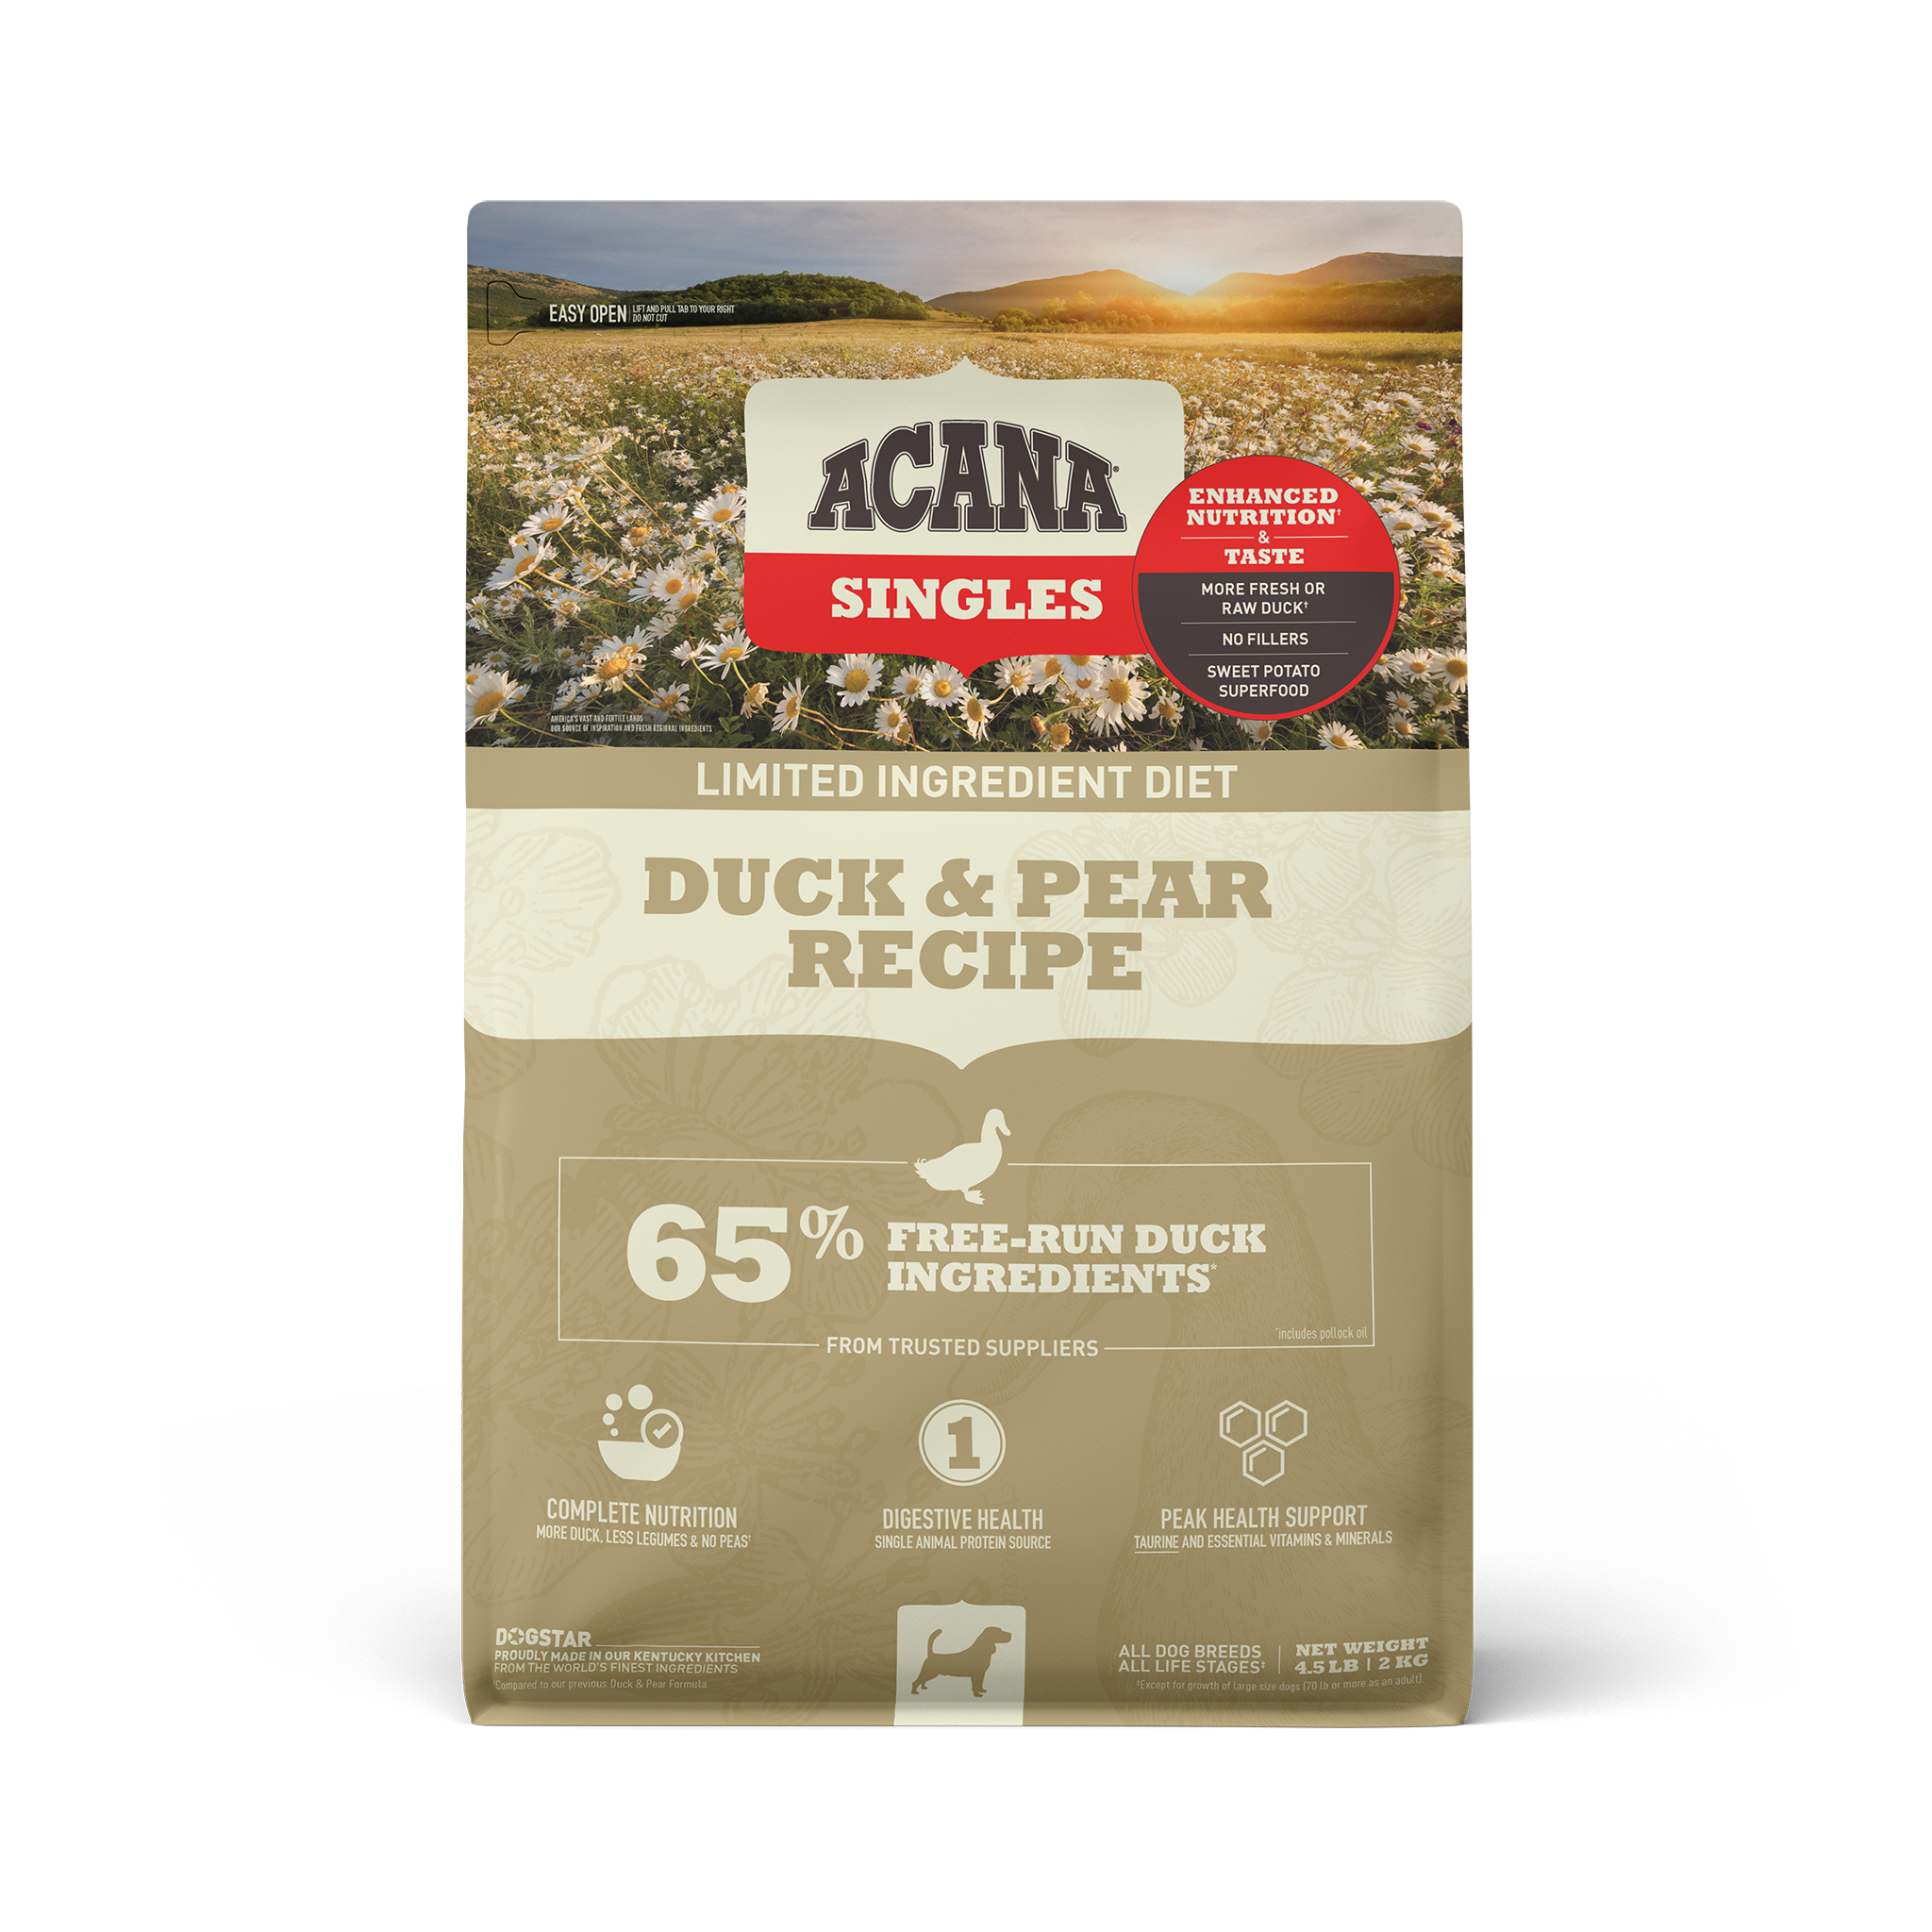 Acana Acana Singles Duck & Pear Dry Dog Food